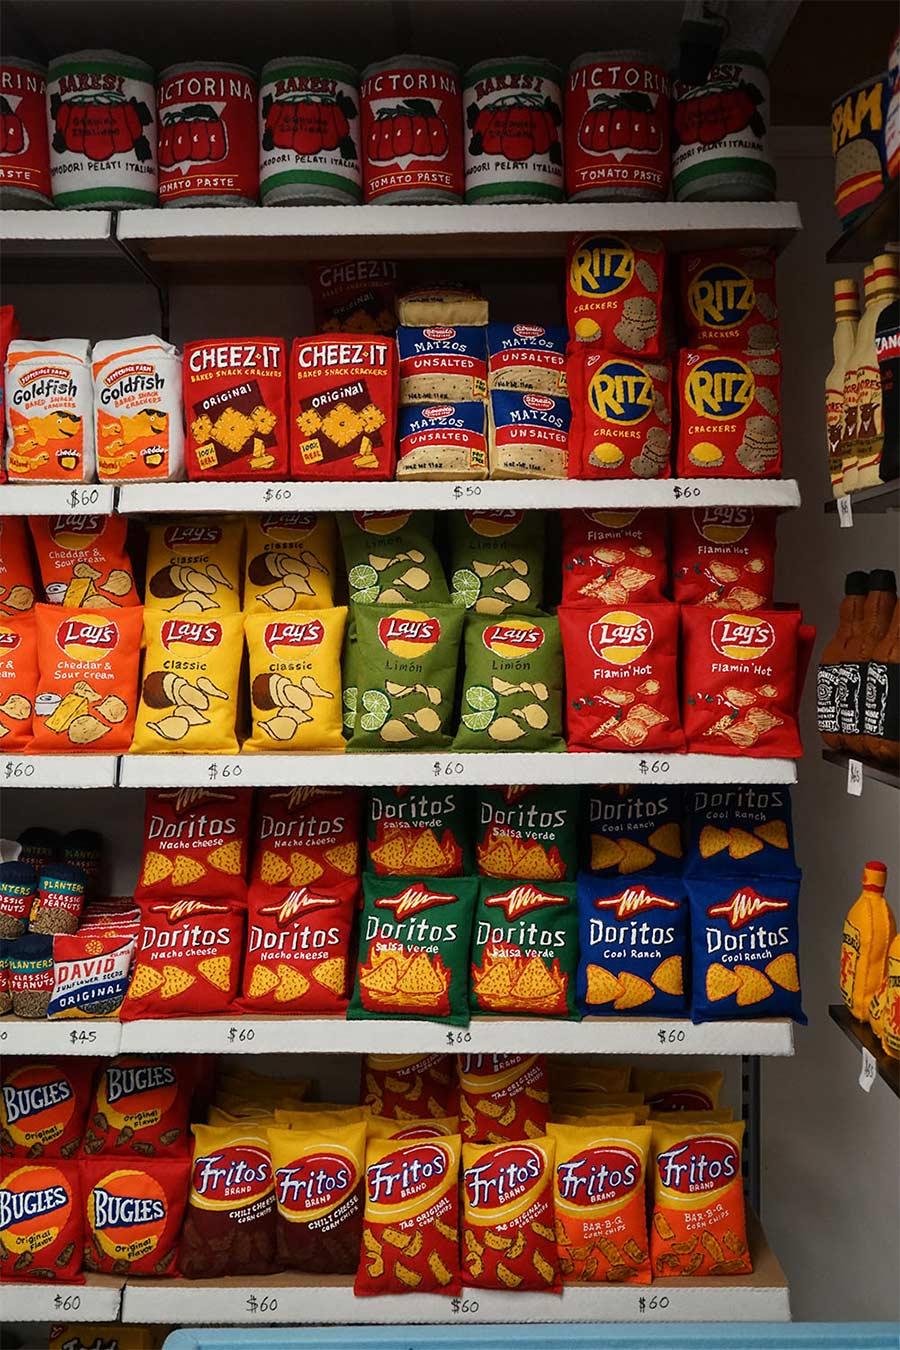 Ein Supermarkt aus Filz filz-supermarkt_09